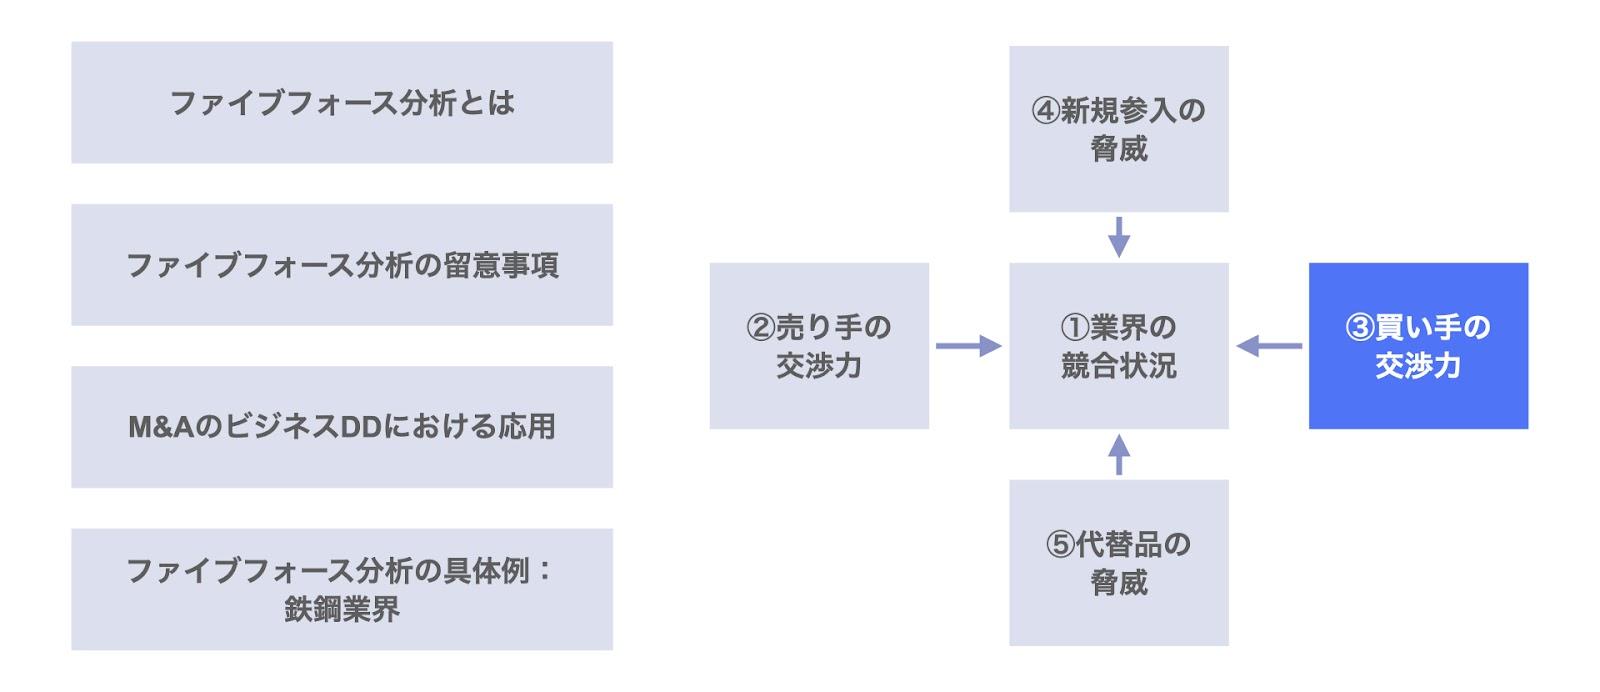 ファイブフォース分析における買い手(顧客)の交渉力